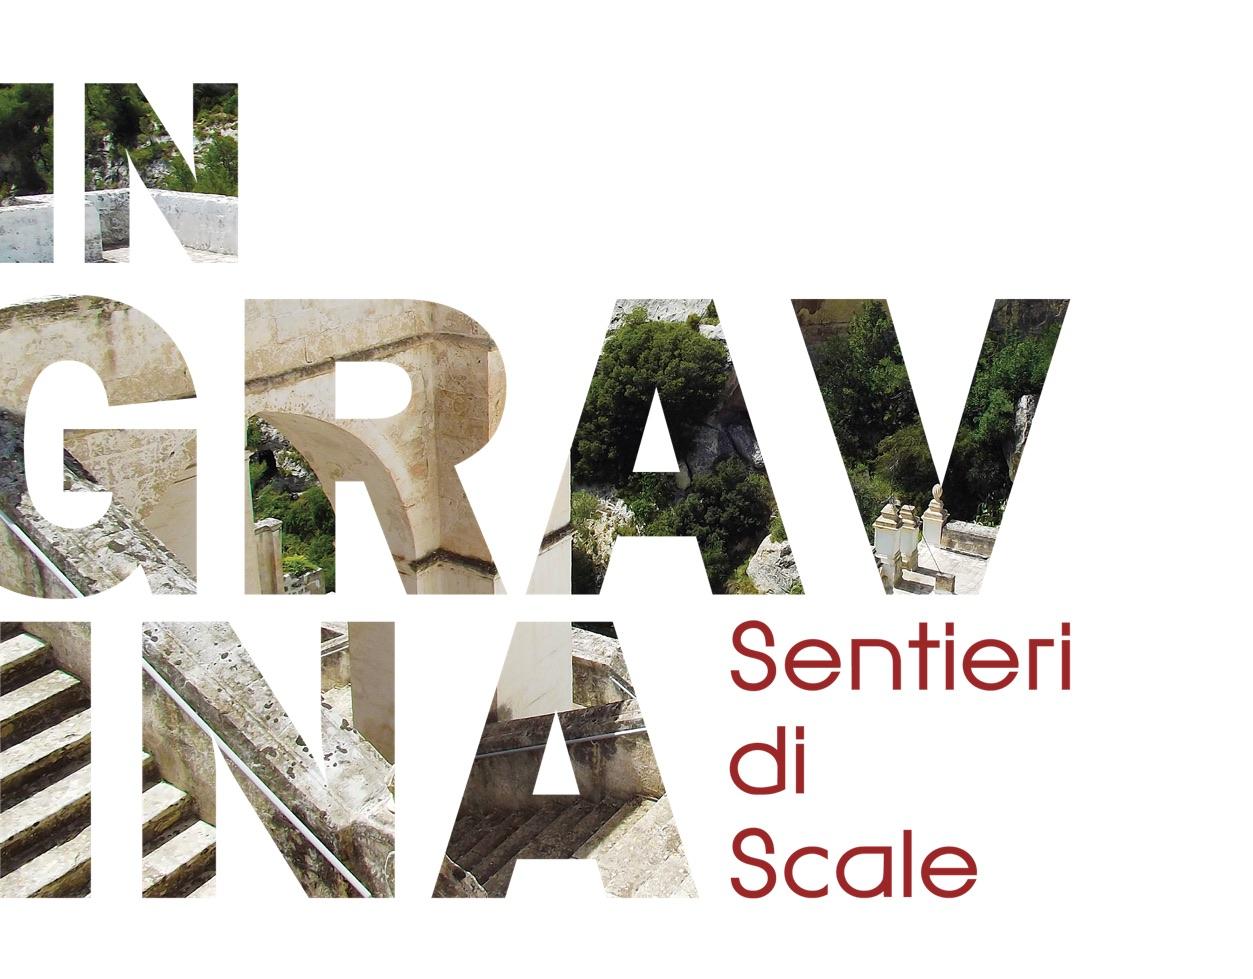 In Gravina - Sentieri di Scale